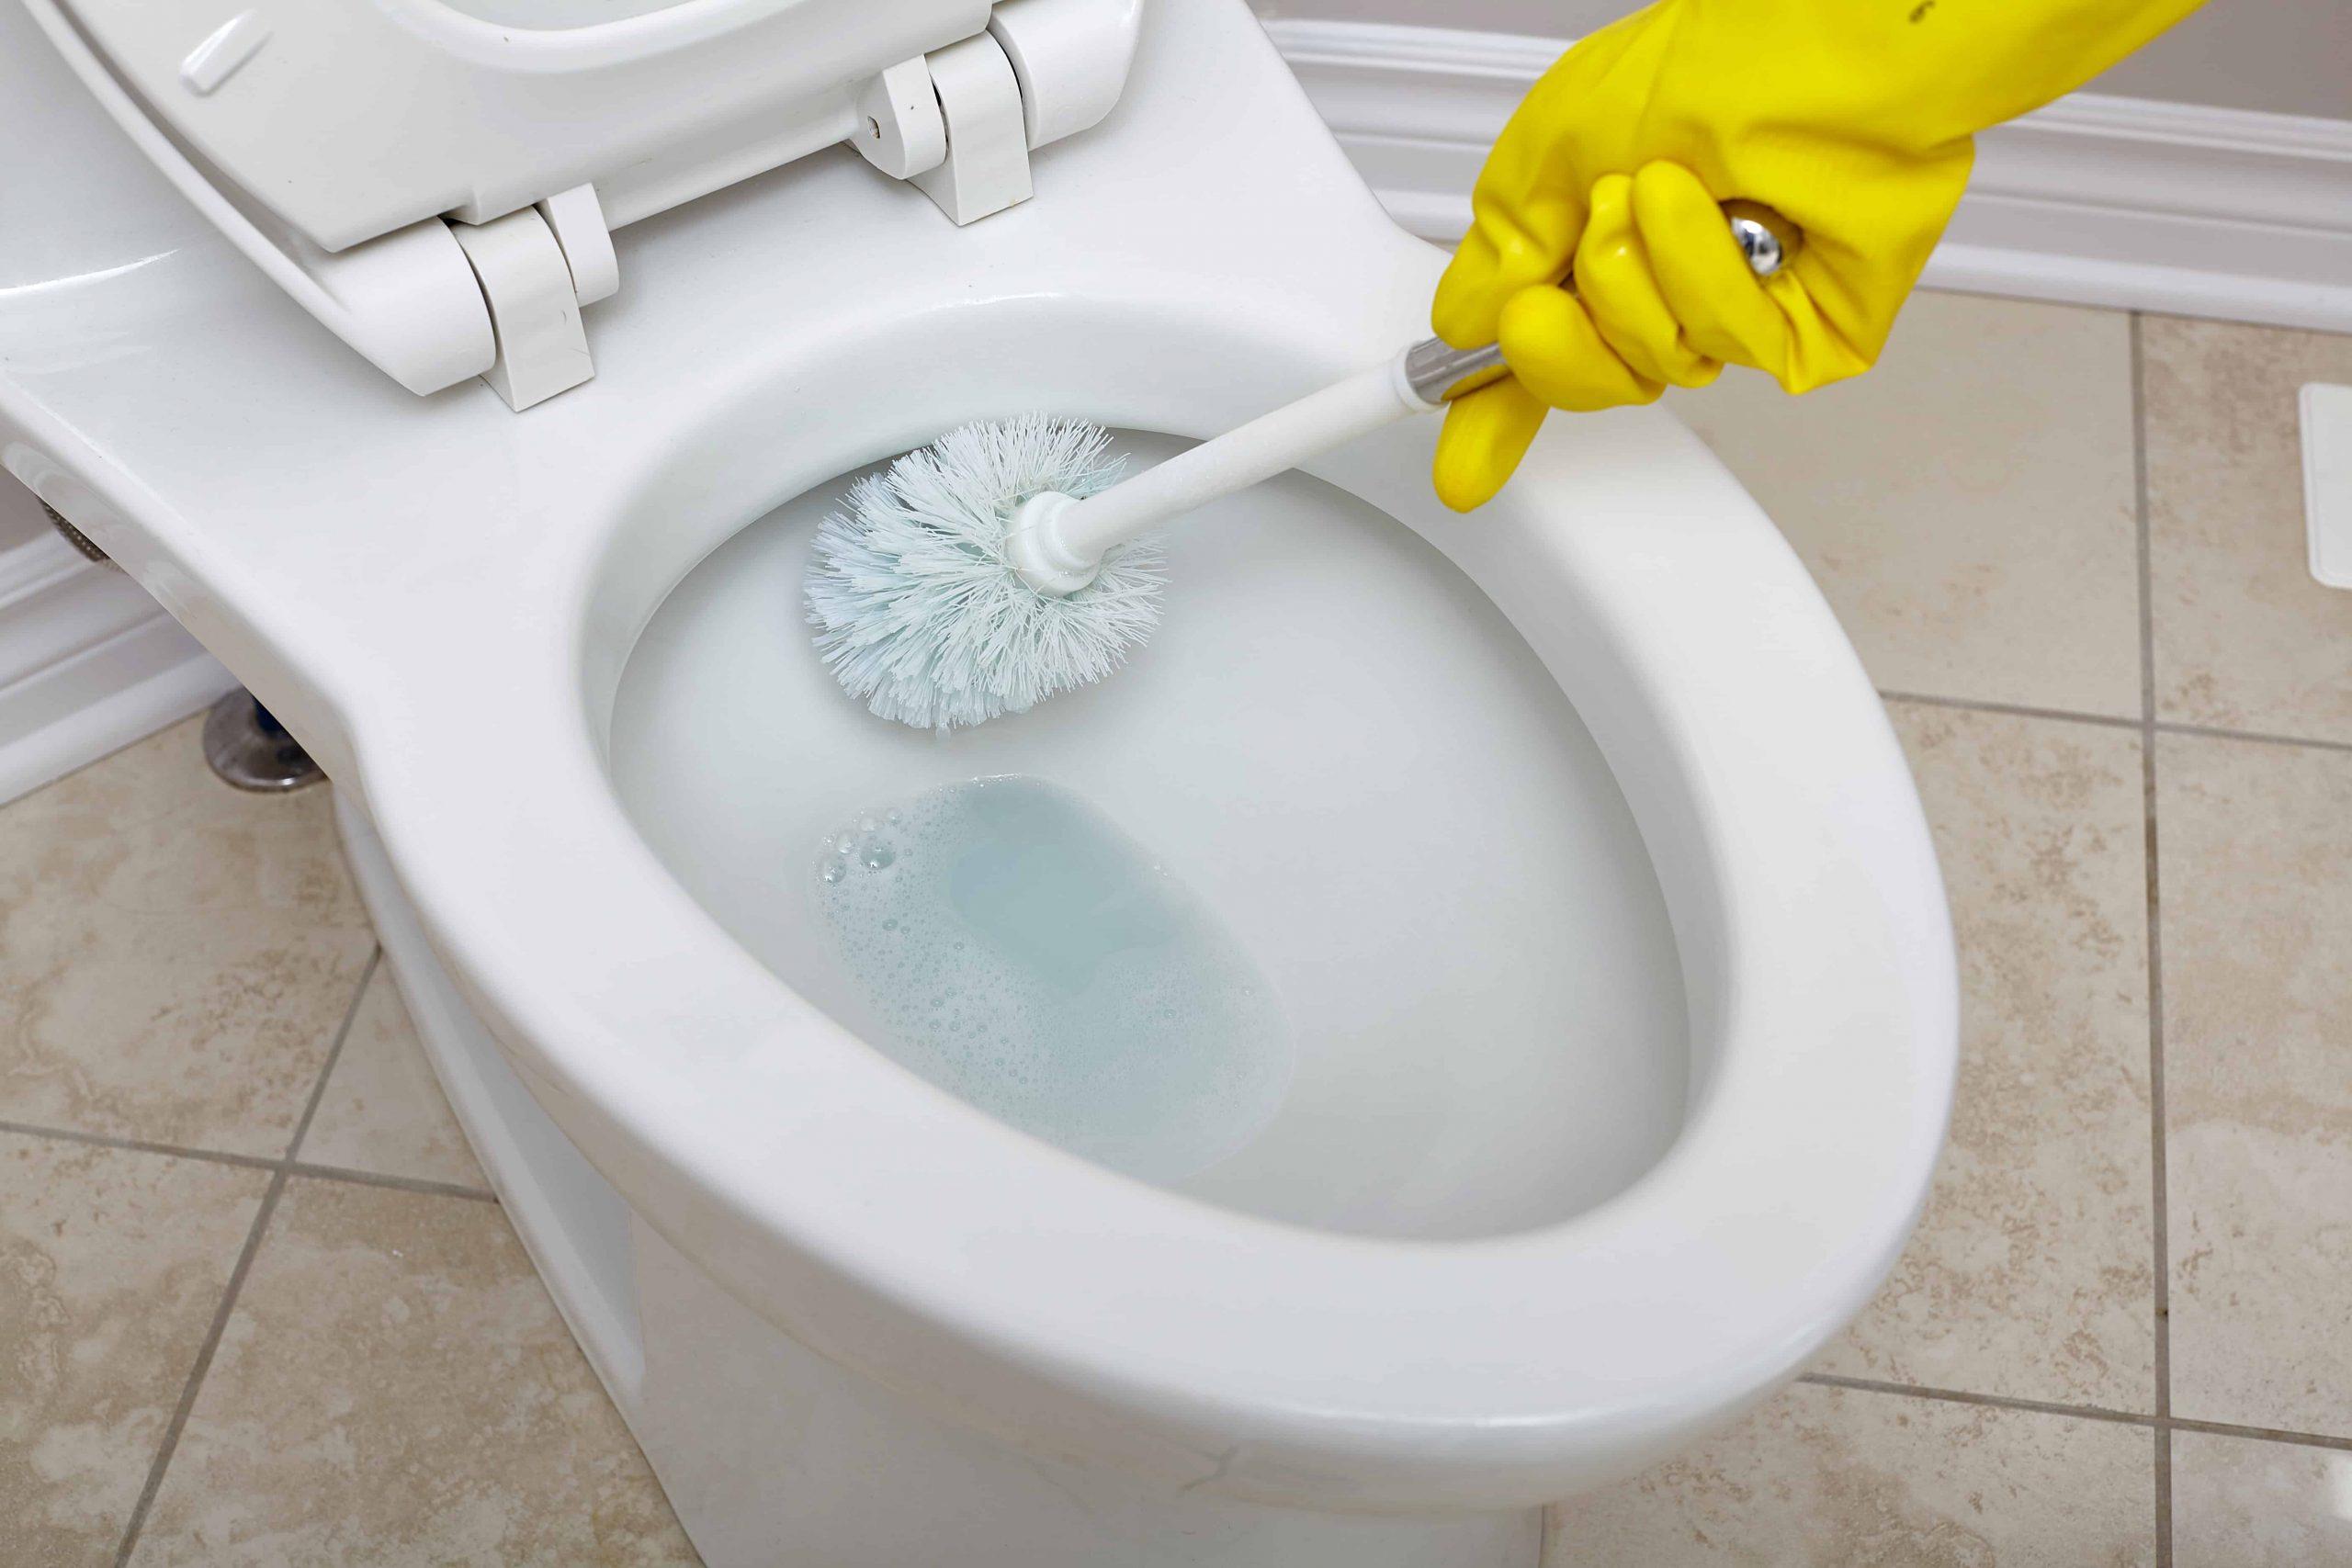 WC Reiniger: Test & Empfehlungen (05/20)